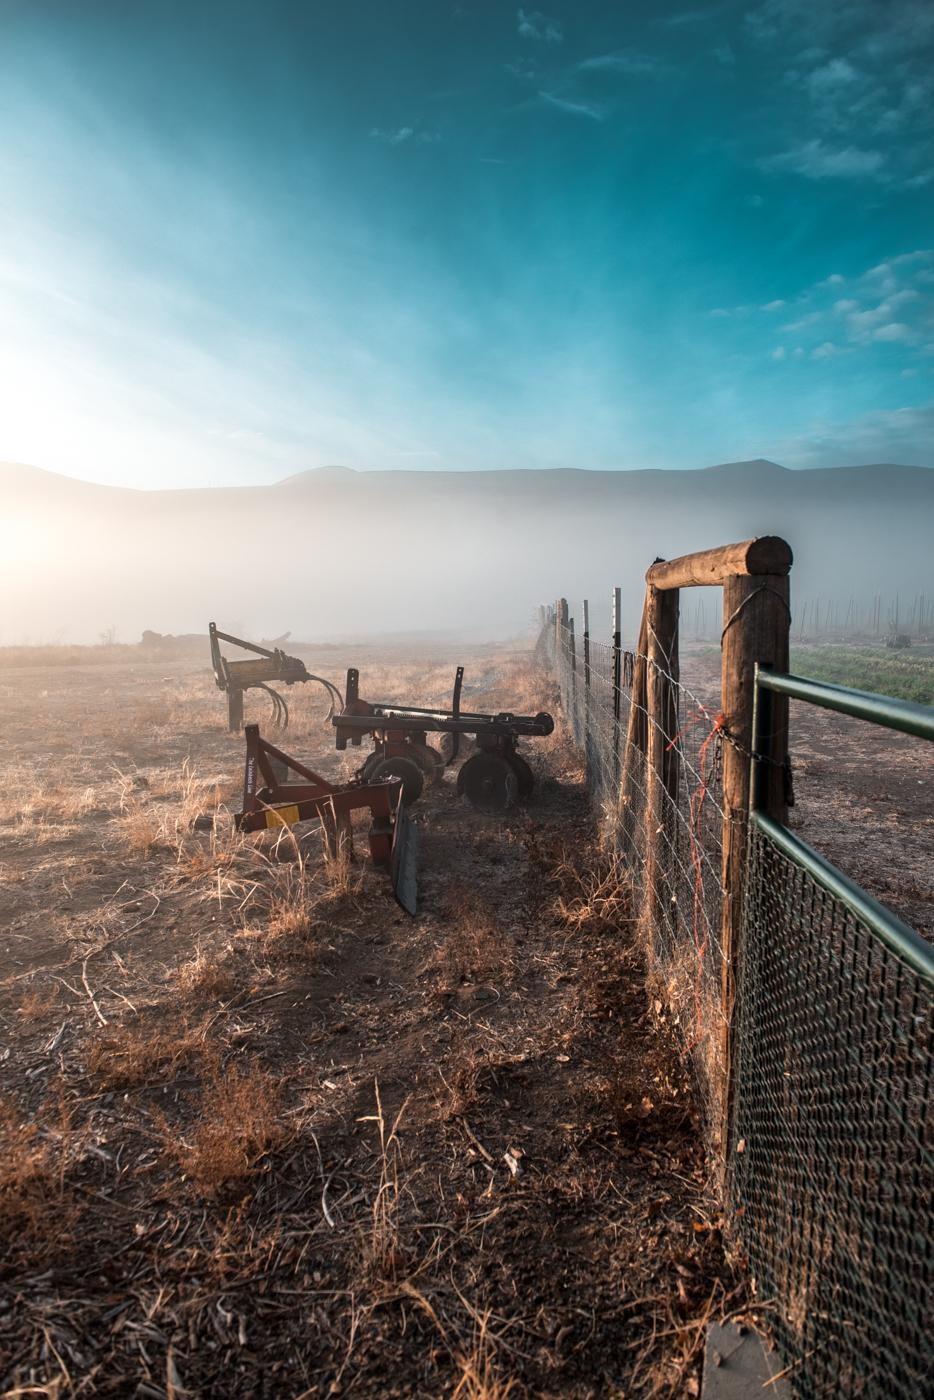 Dusty dirt on farm